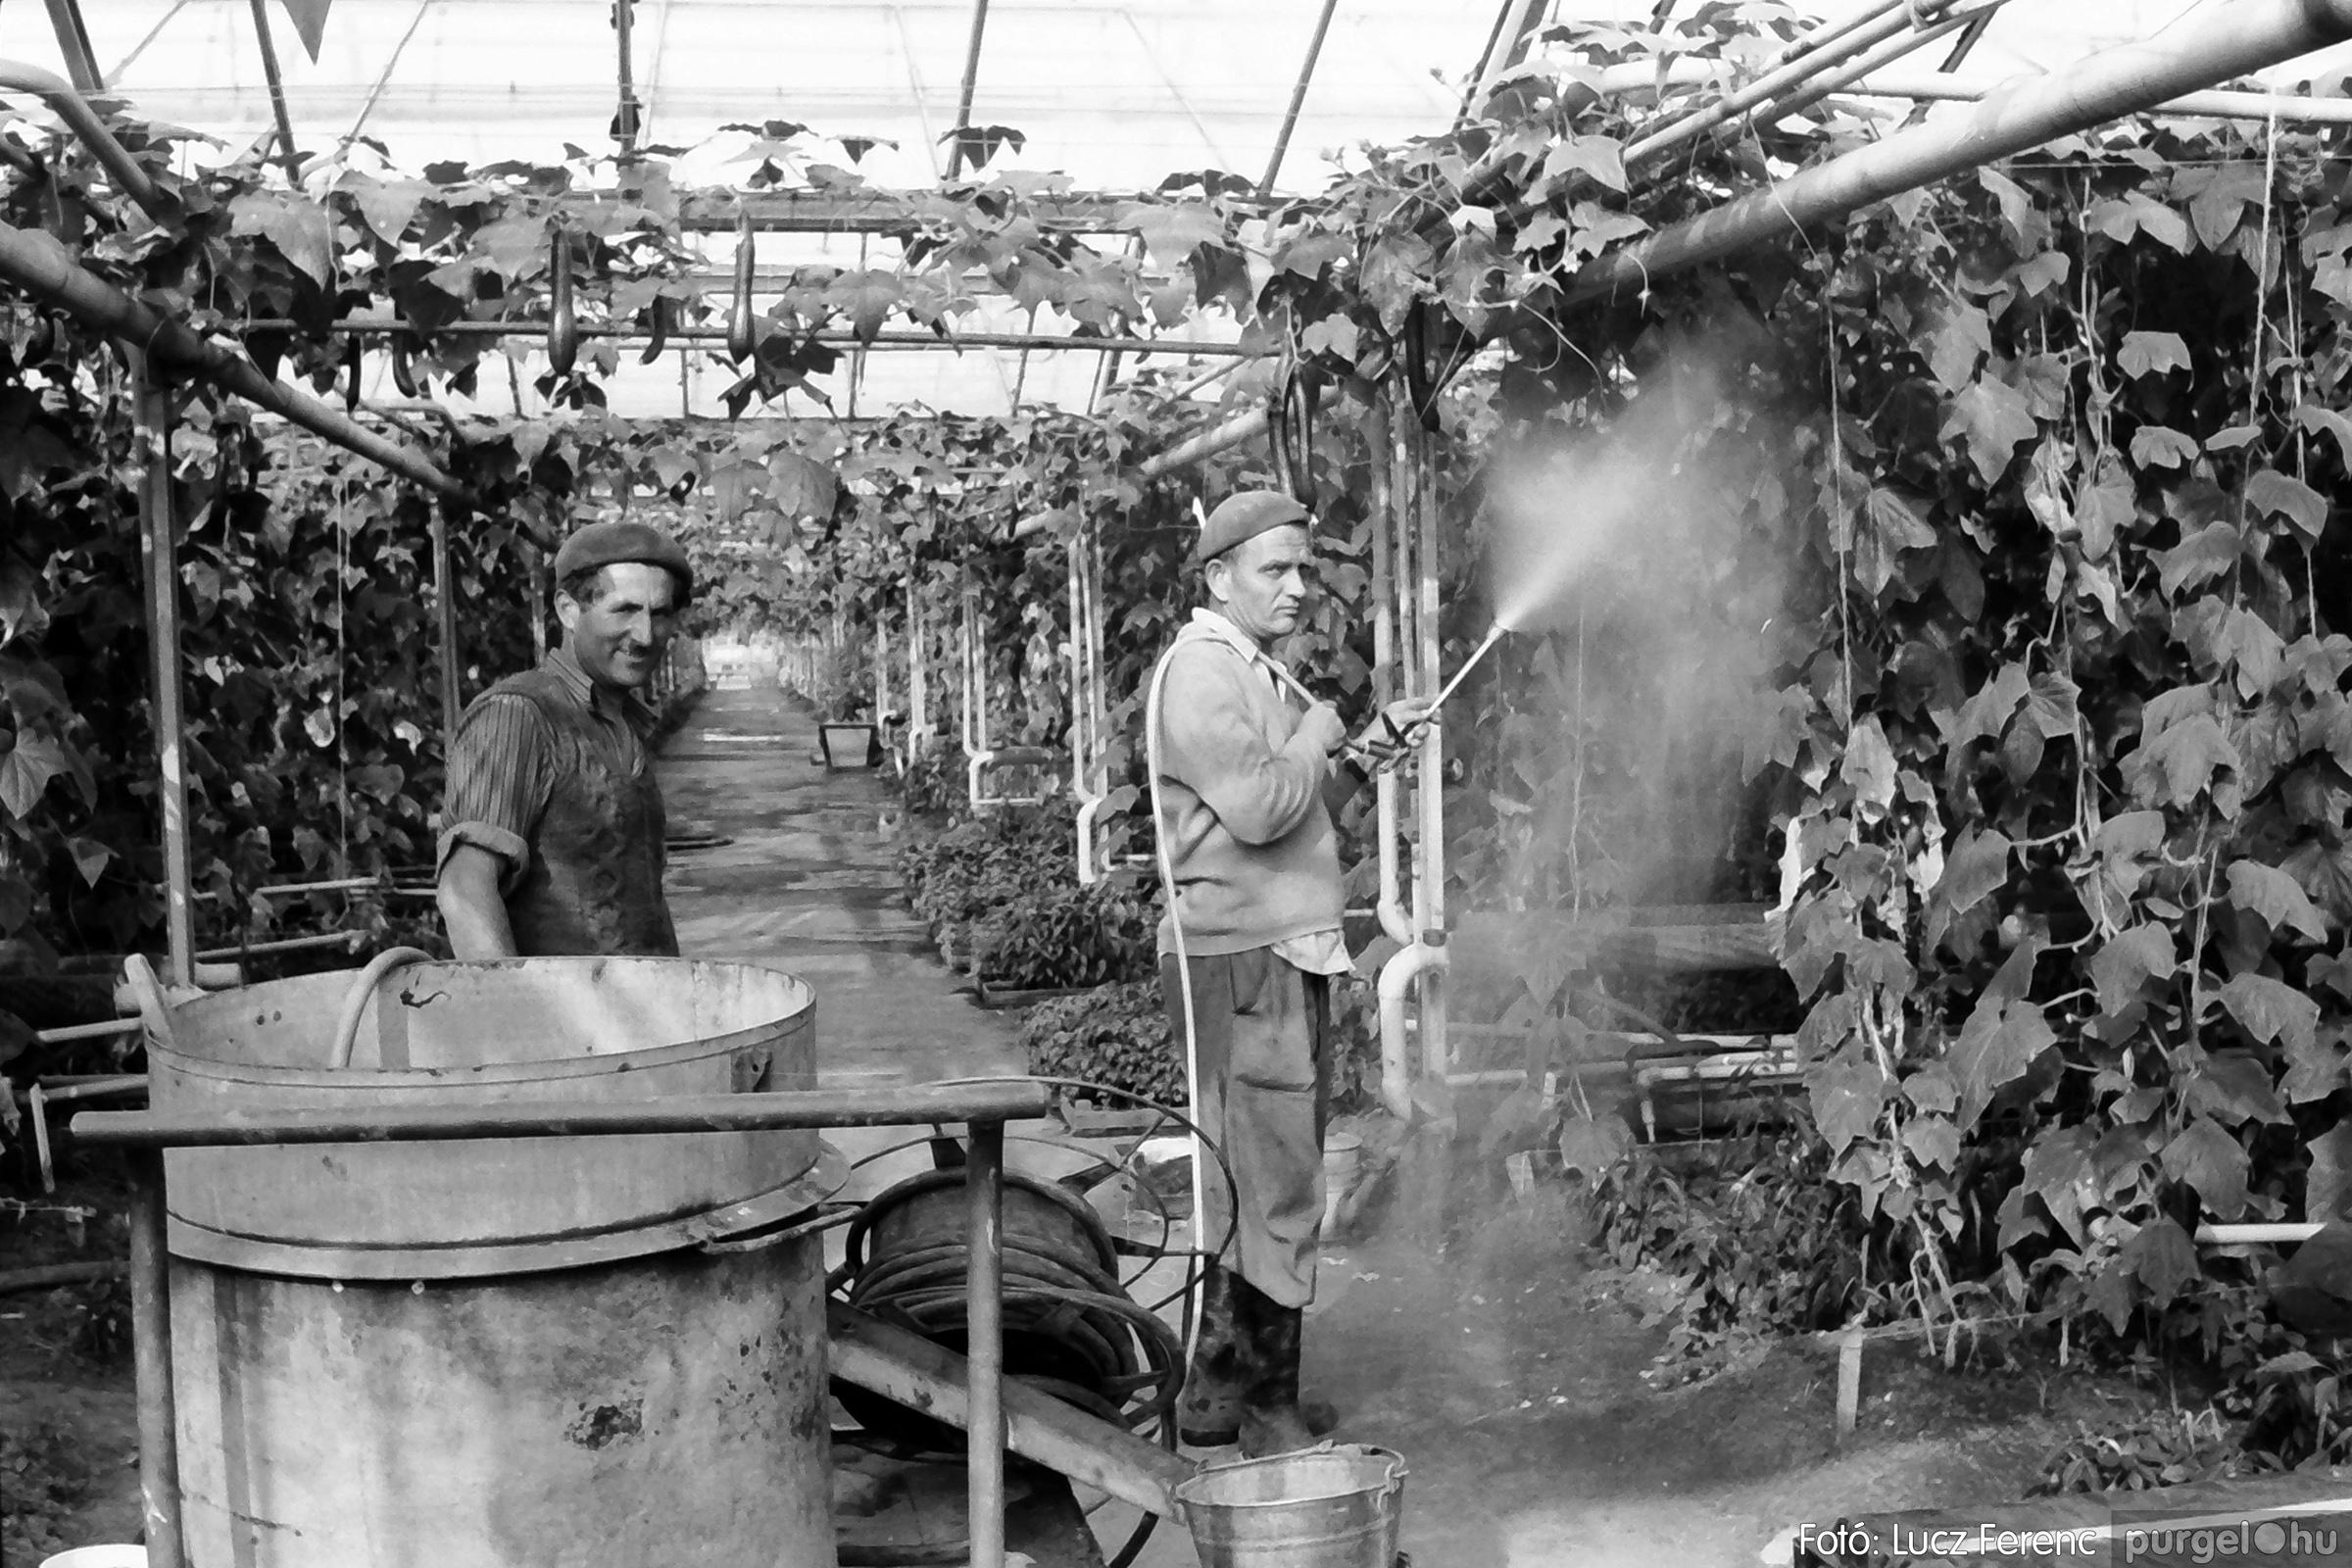 044. 1976. Élet a kertészetben 006. - Fotó: Lucz Ferenc.jpg